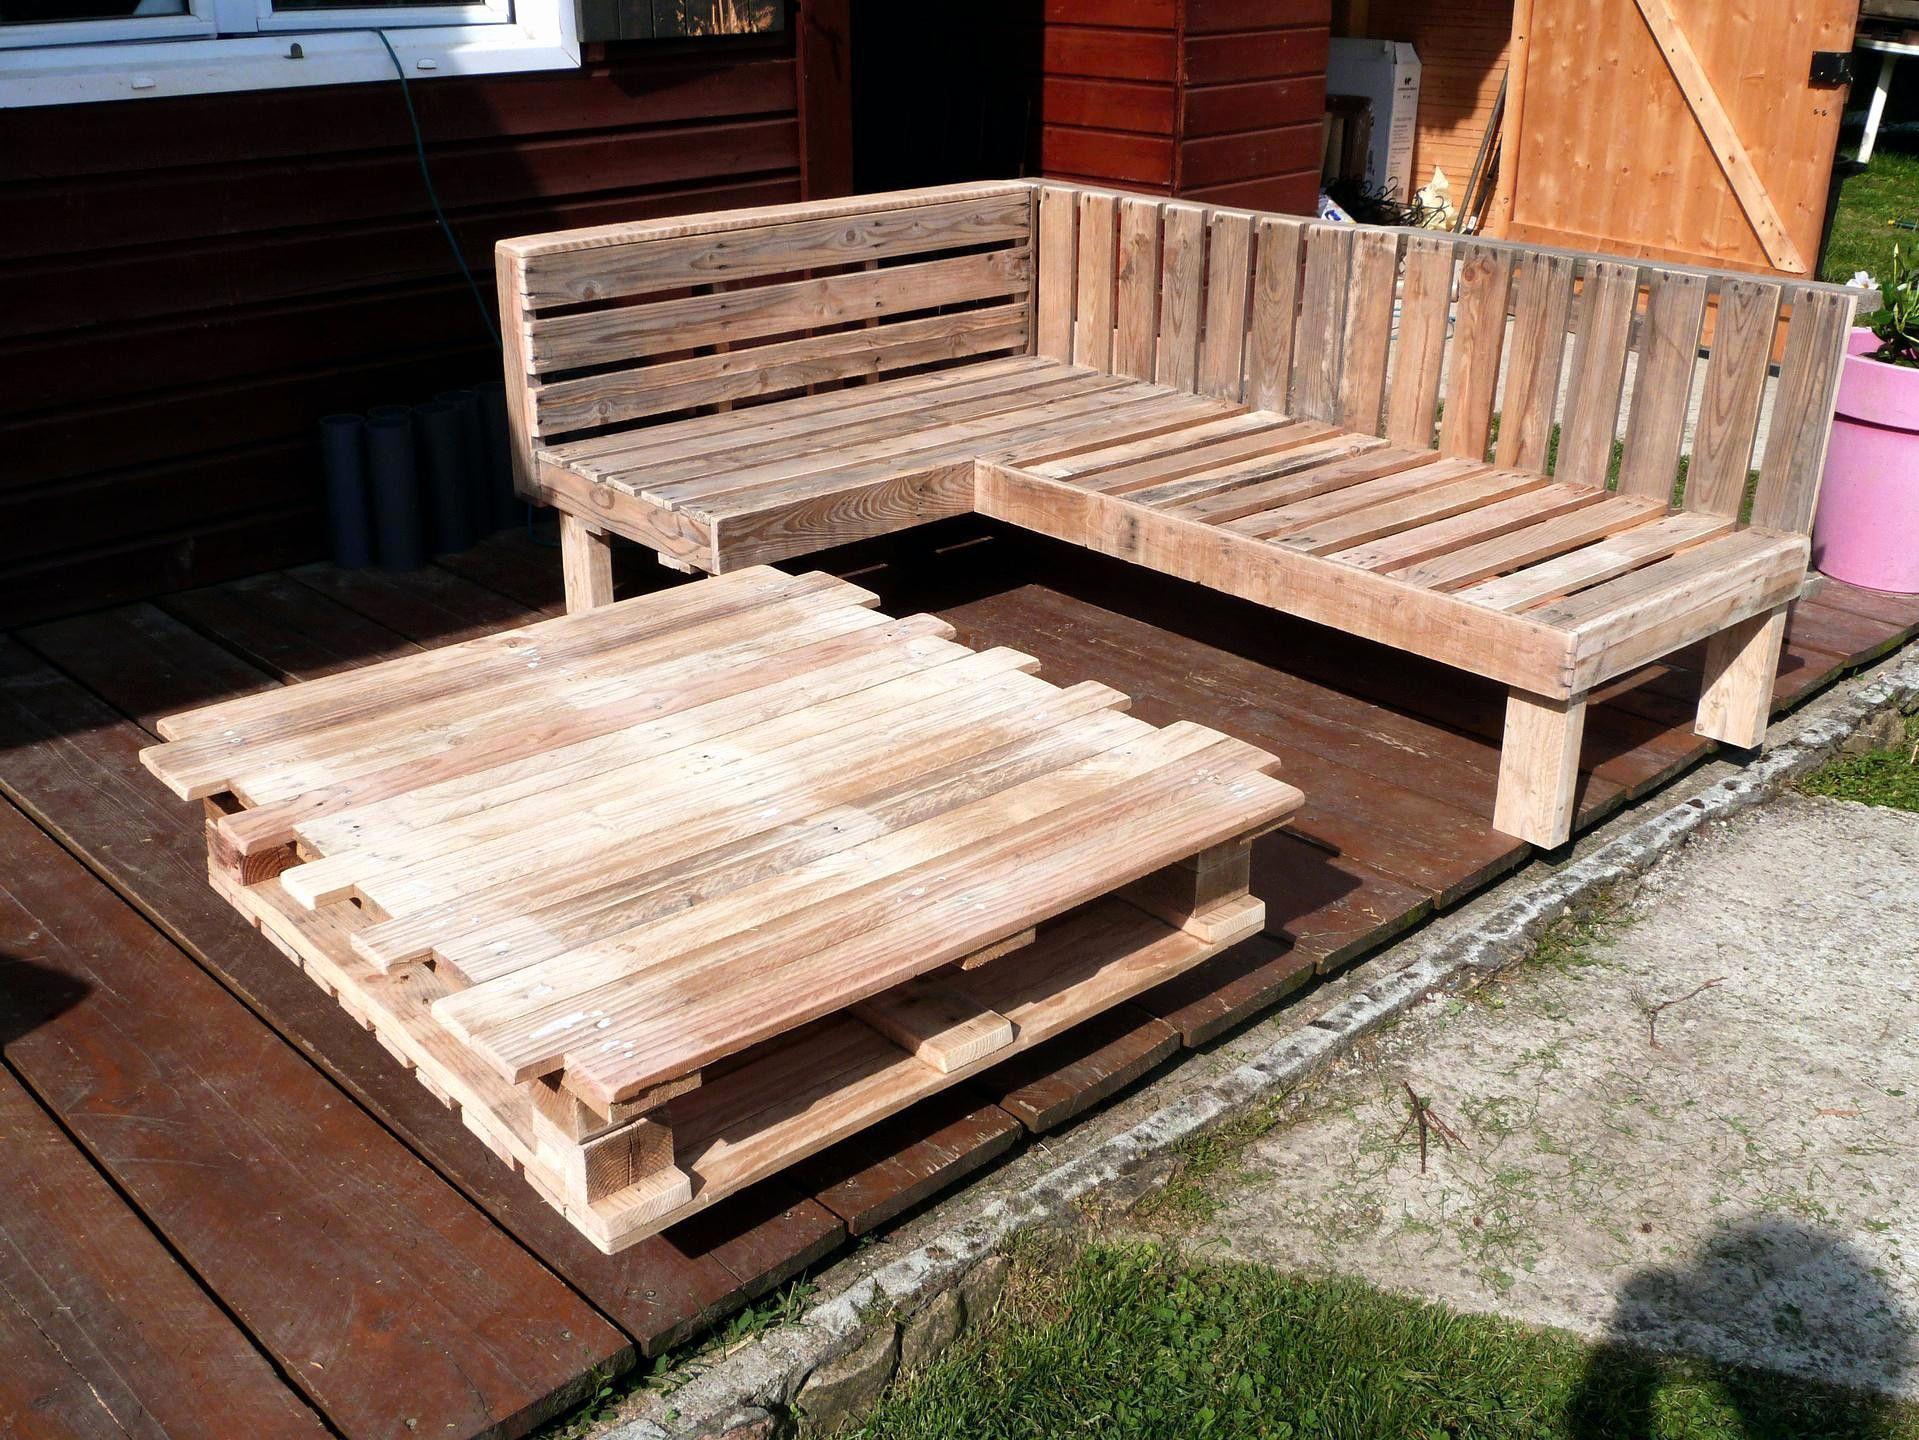 fauteuil jardin avec palettes source dinspiration fauteuil jardin avec palettes avec chaise en palette plan frais of fauteuil jardin avec palettes